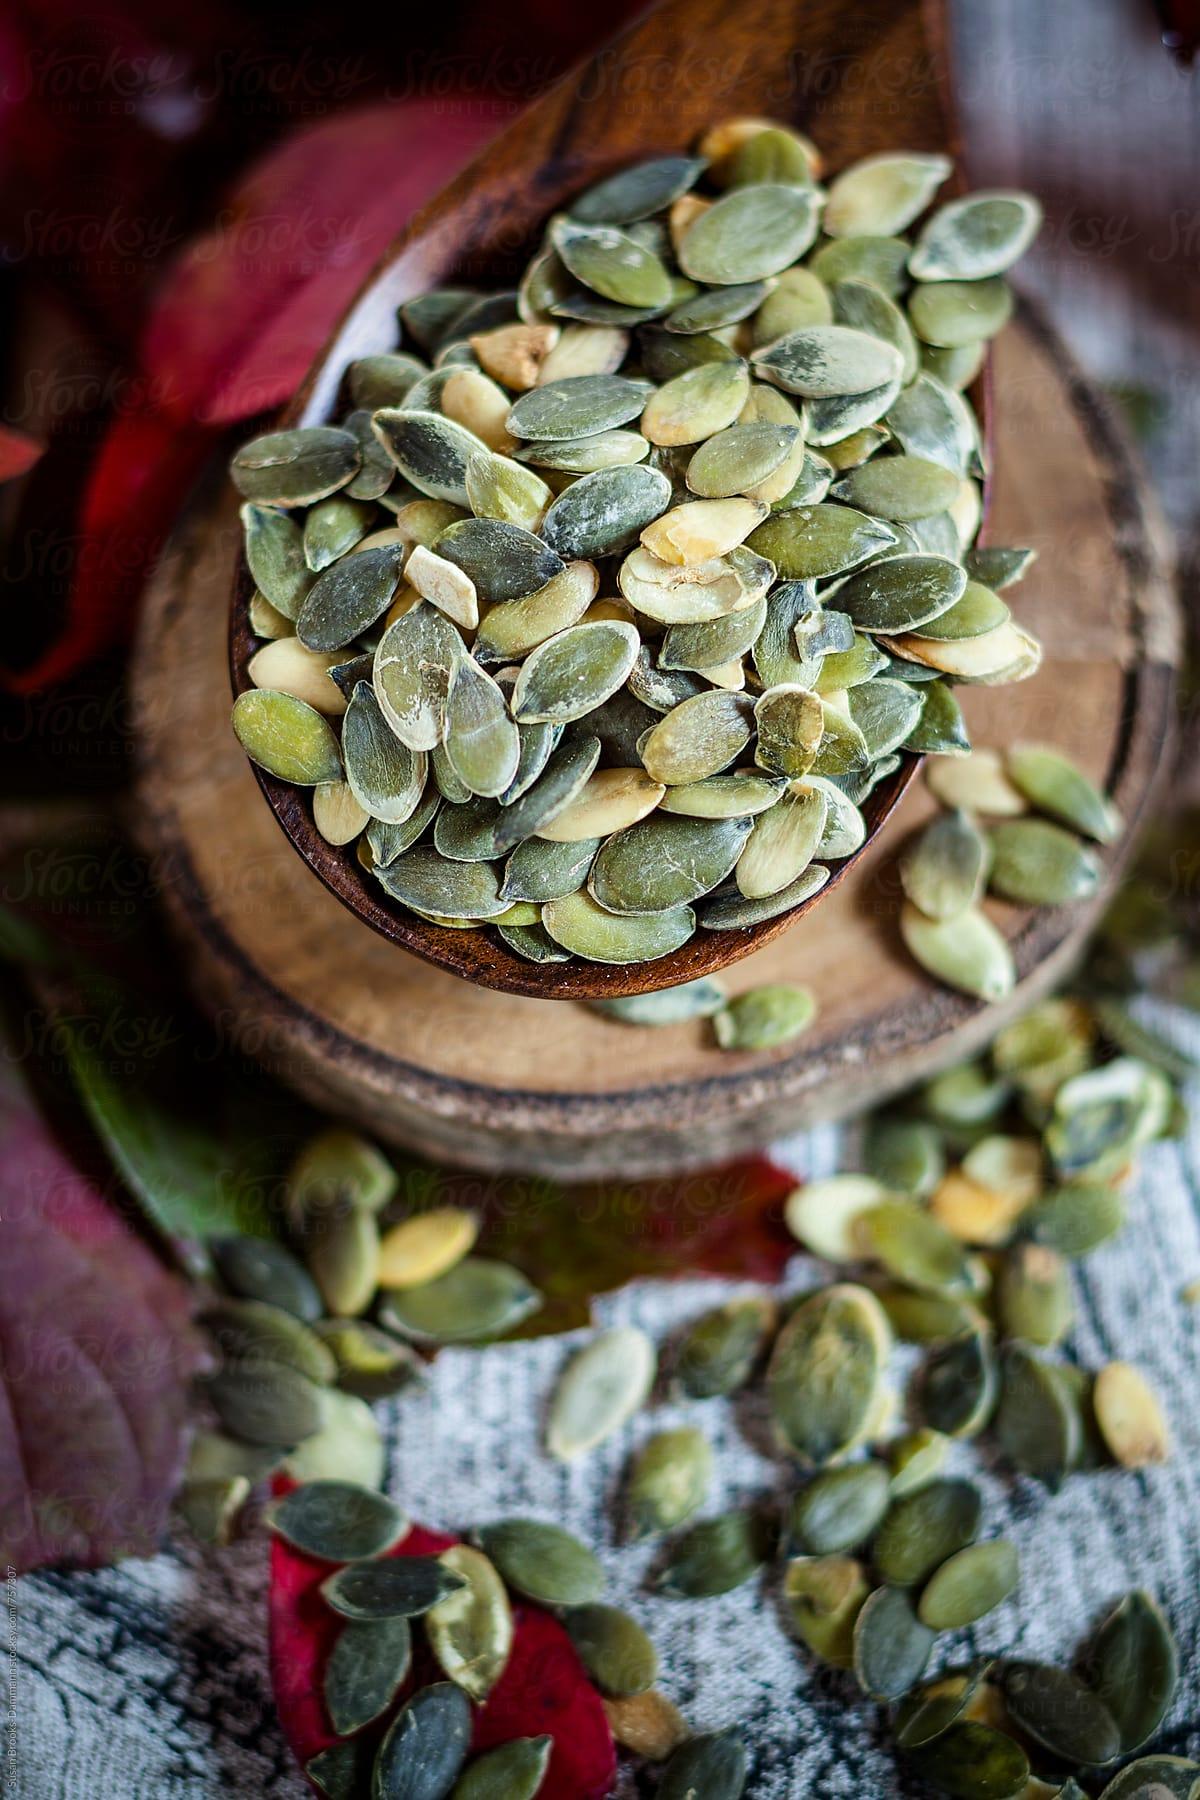 semillas de calabaza en cuchara de madera